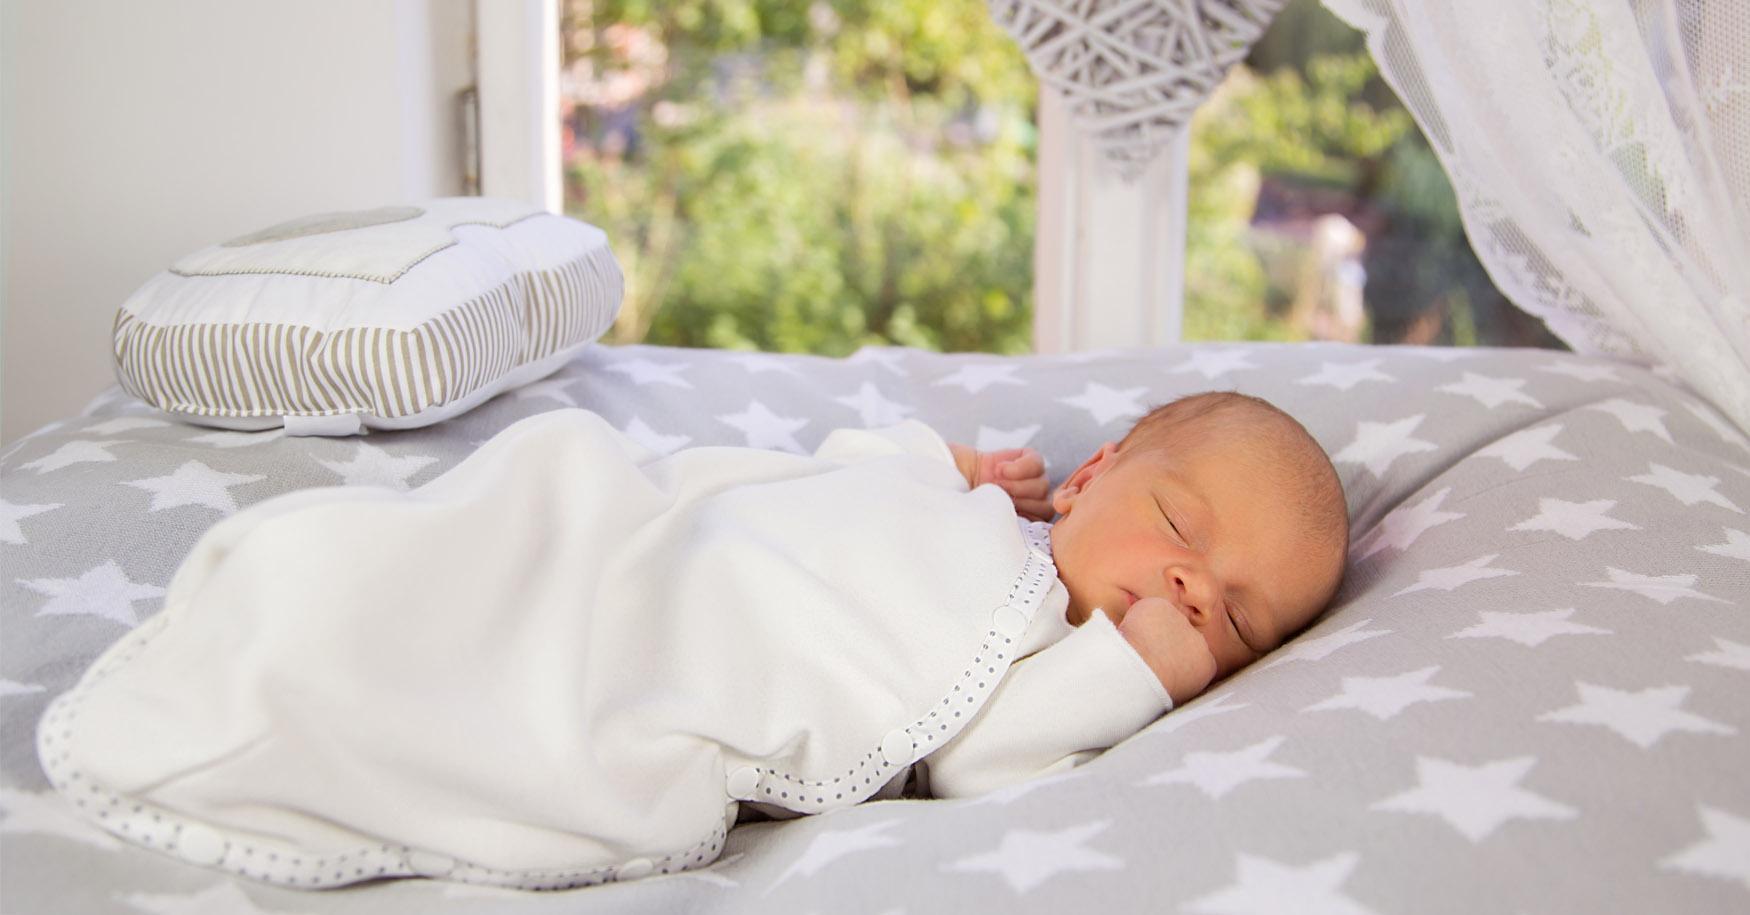 sicher und geborgen schlafen